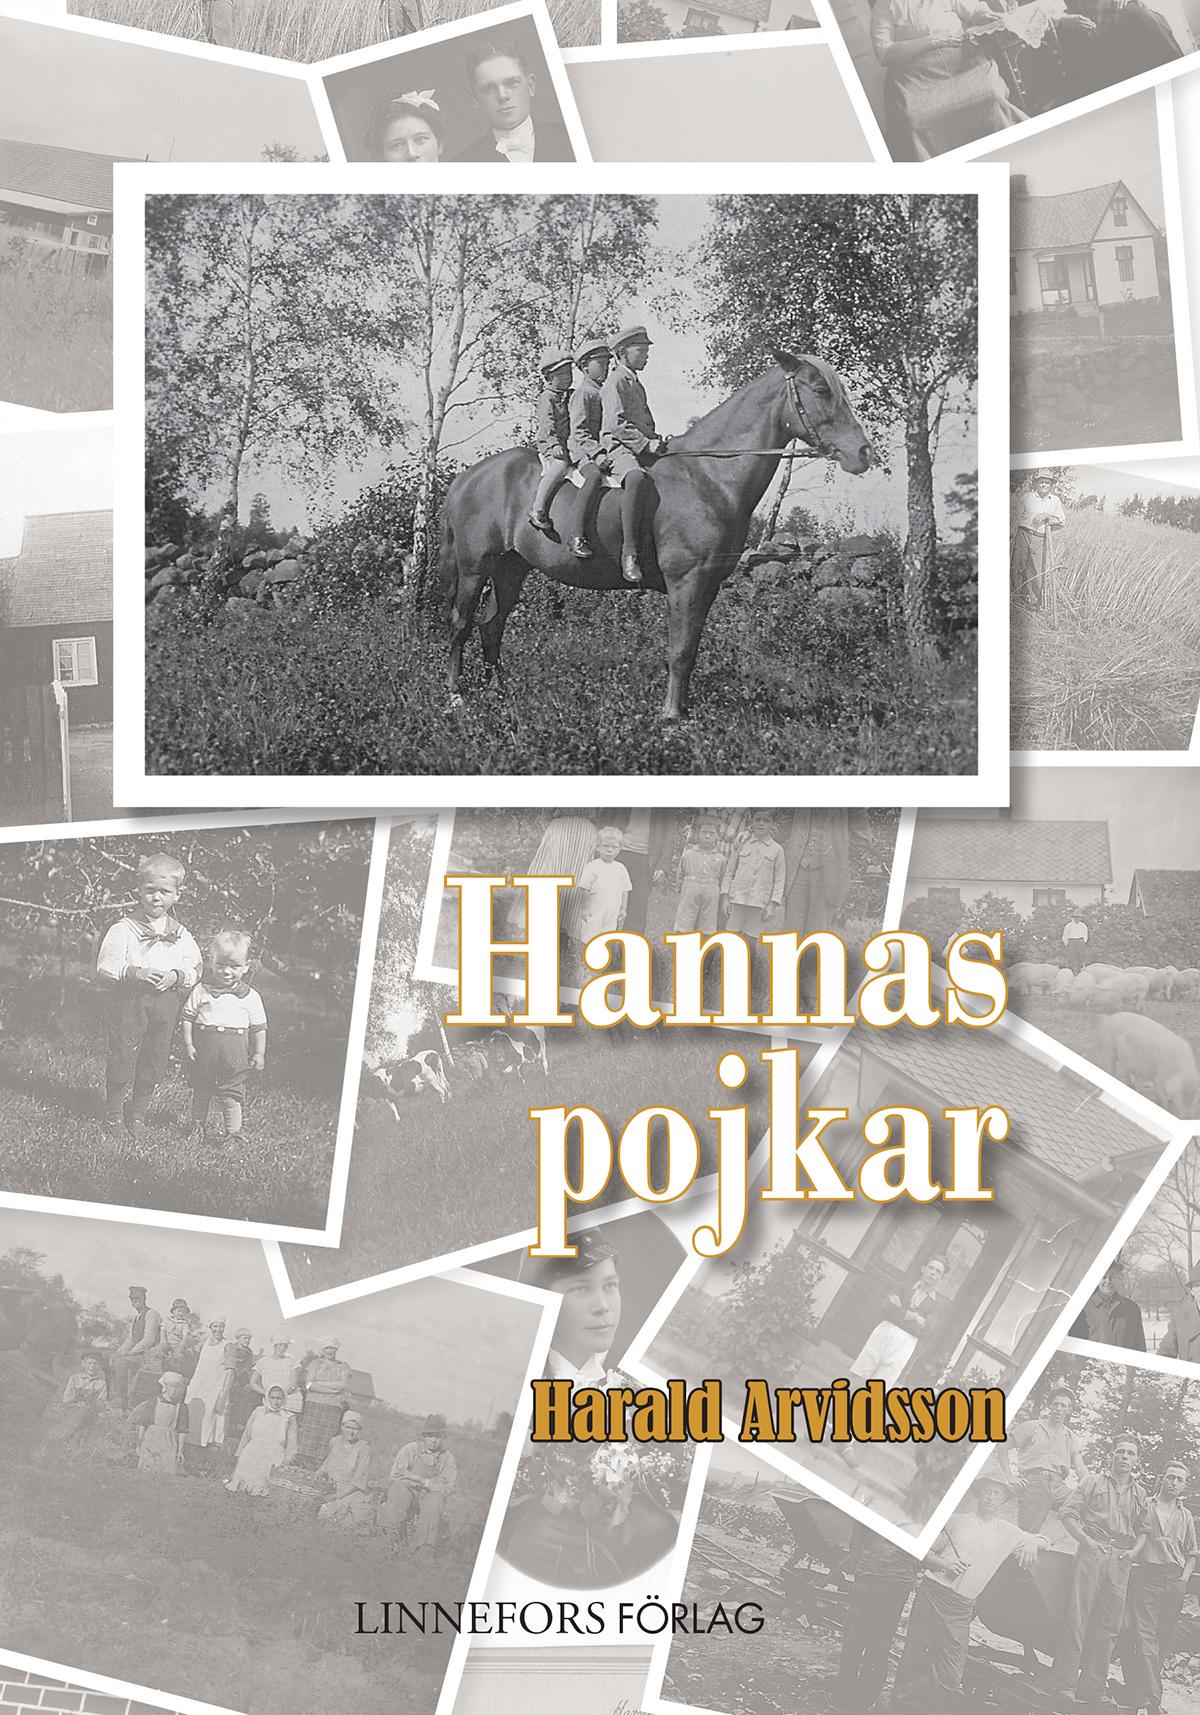 hannas_pojkar_1200_72